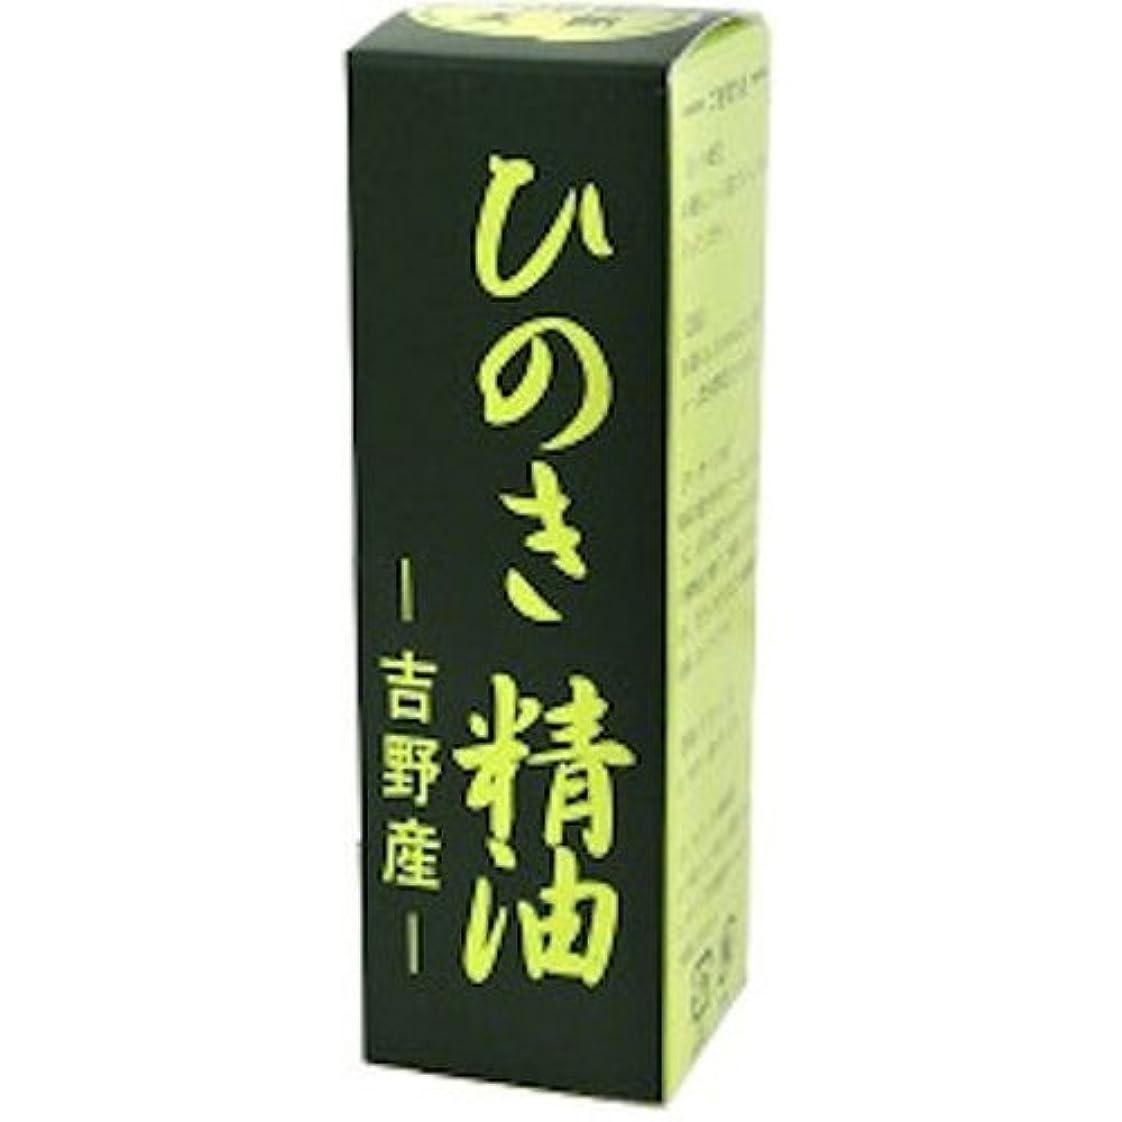 シフト菊最近吉野ひのき精油(エッセンスオイル) 30ml